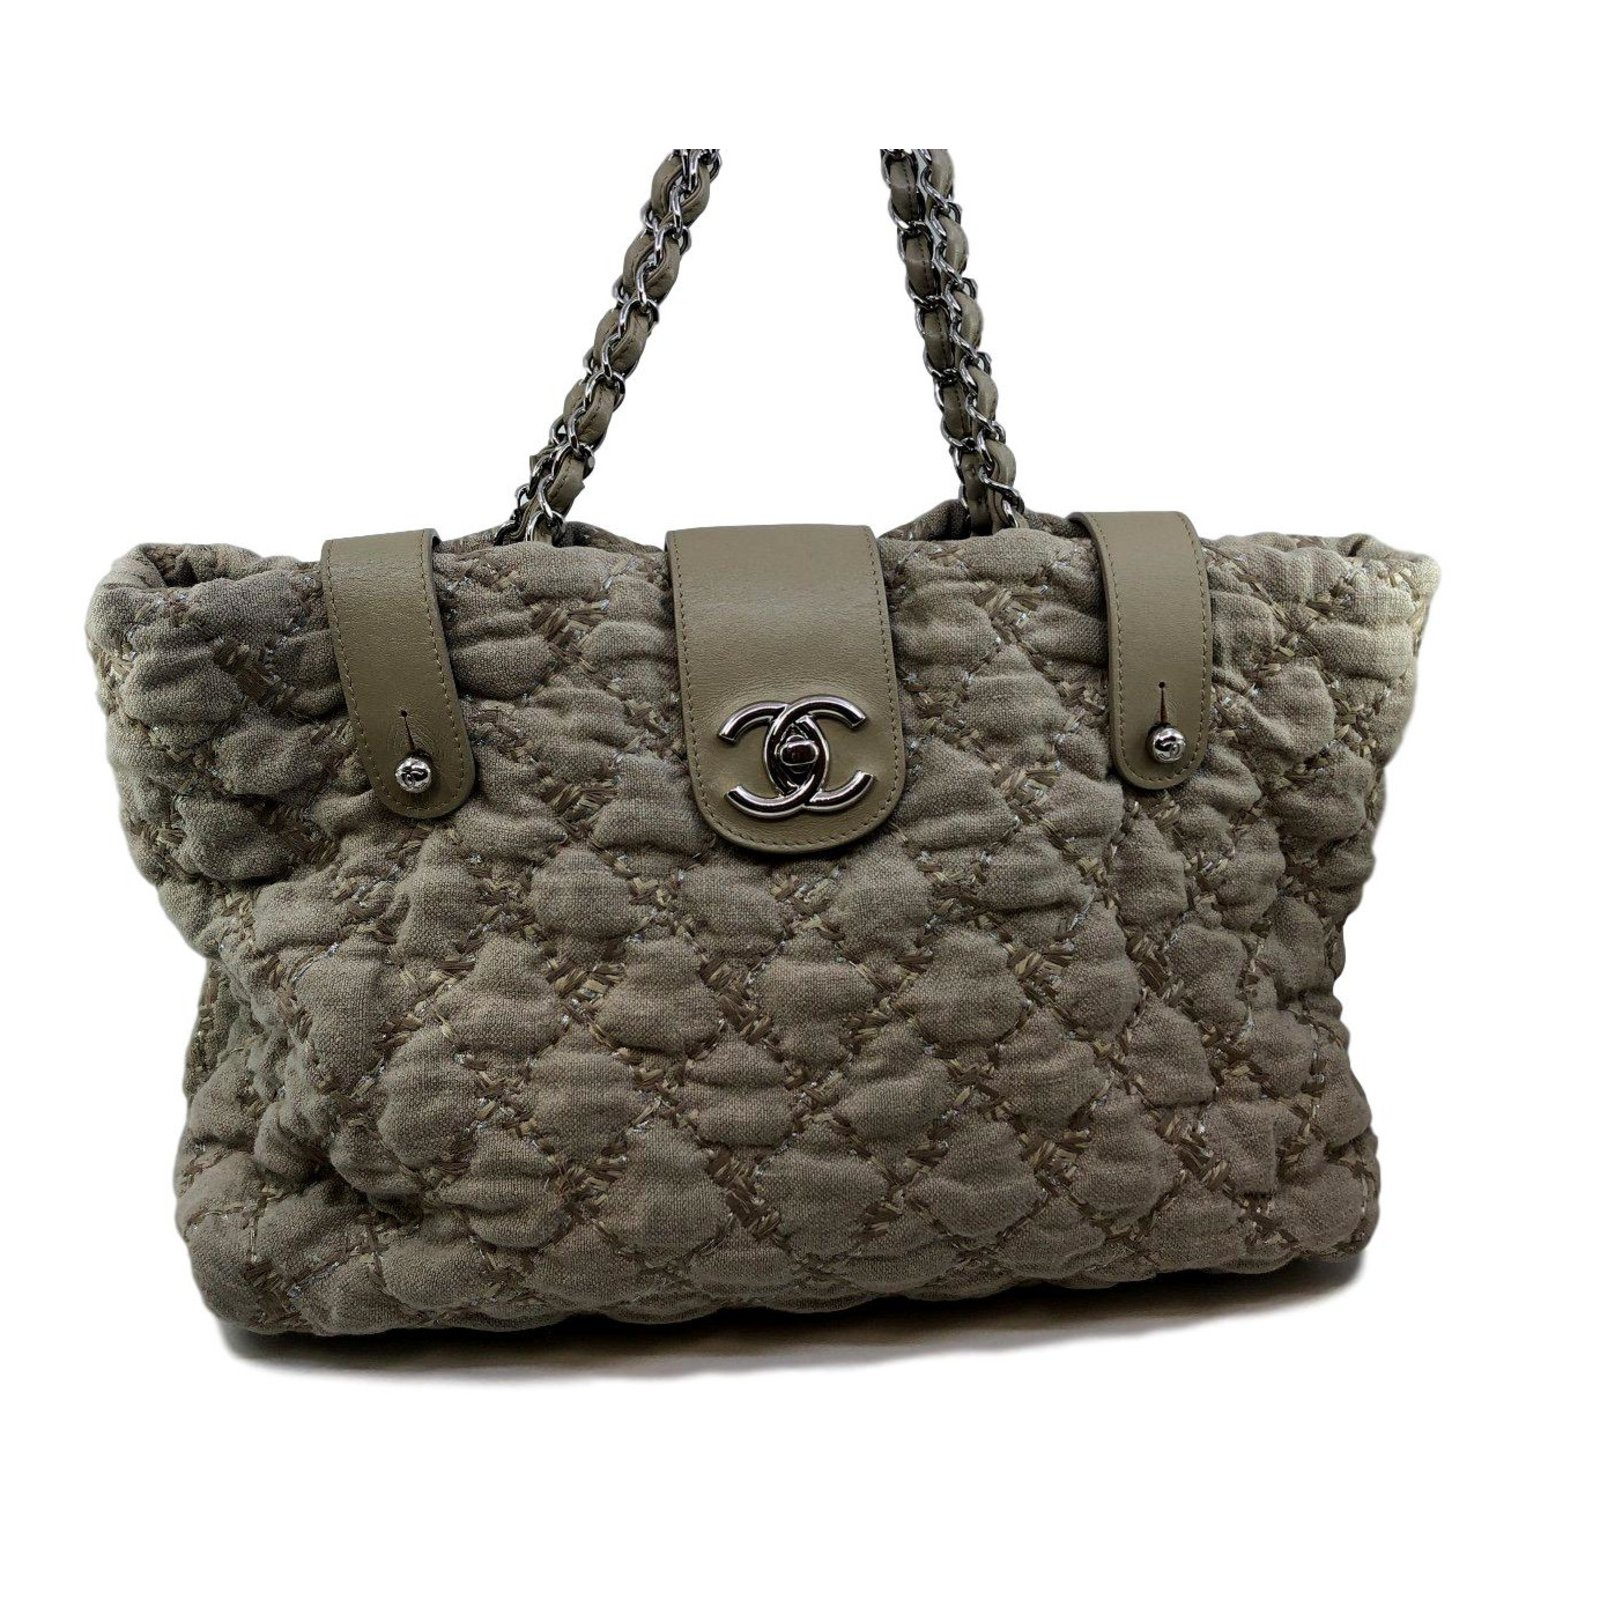 6e58ba8e0bab Chanel Chanel linen bag Handbags Leather